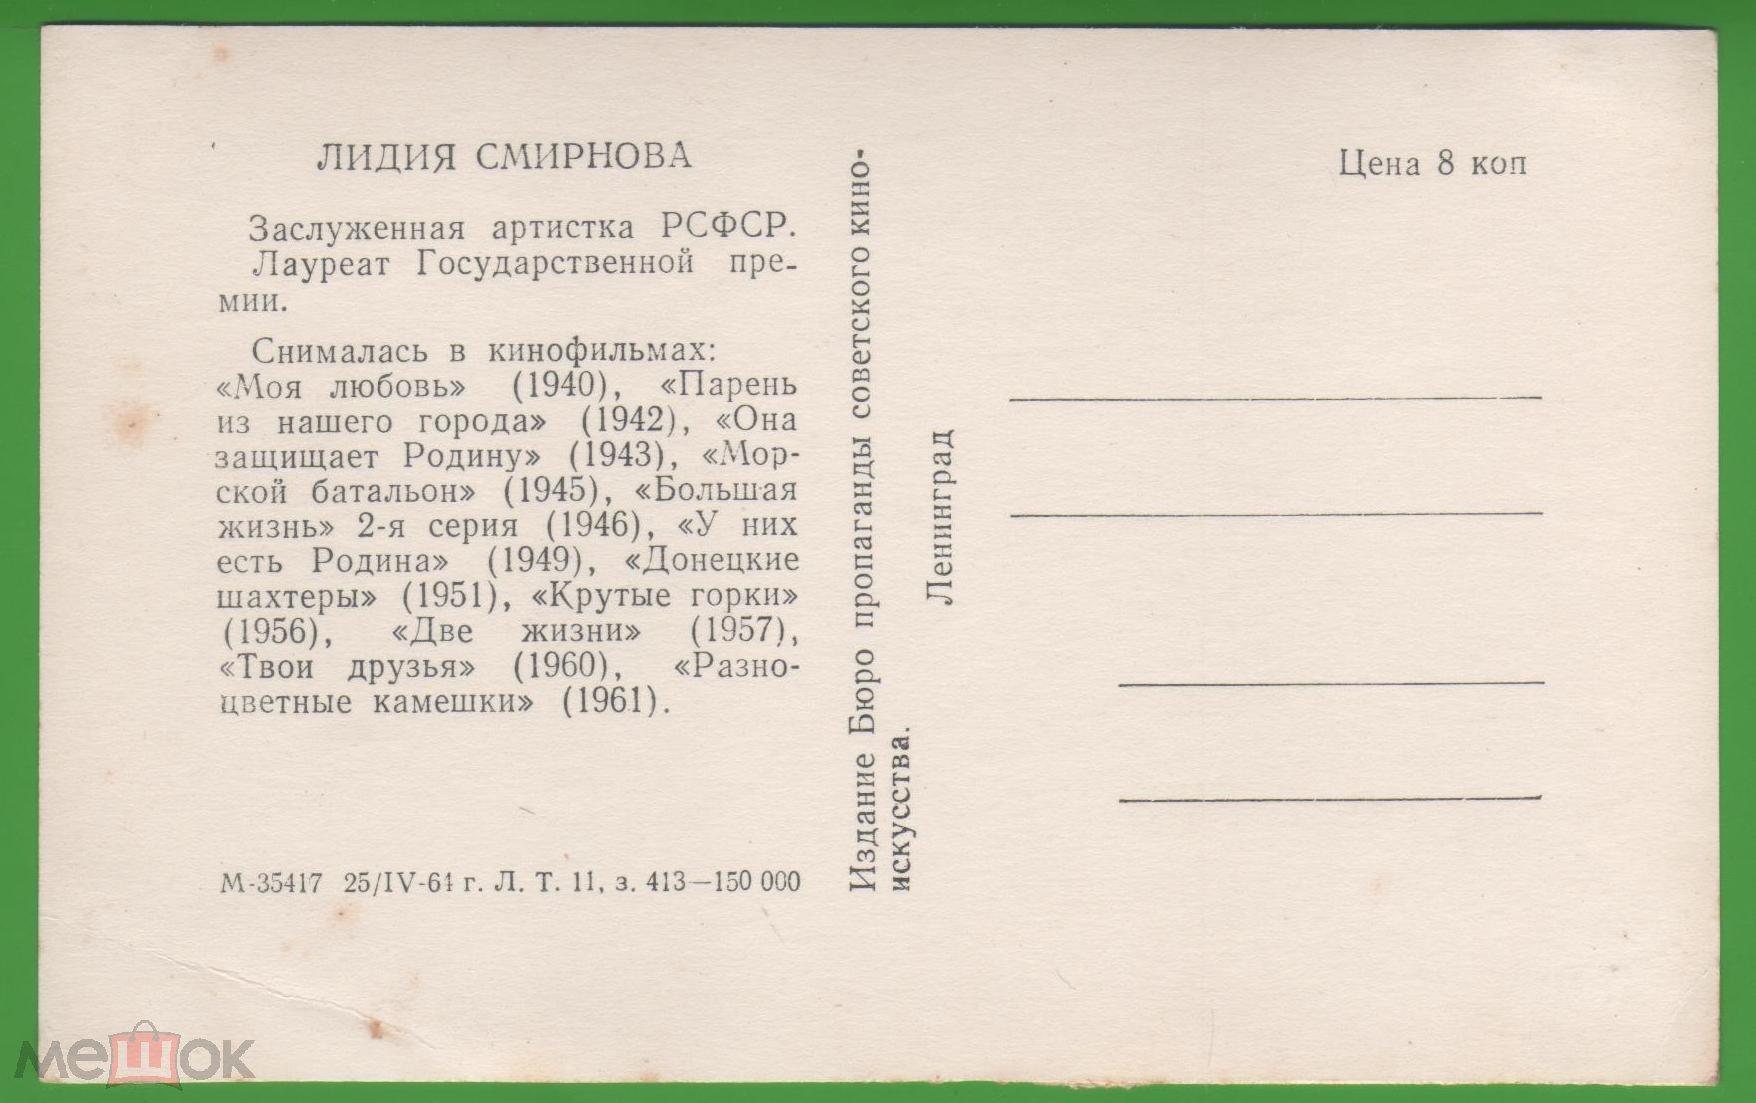 АКТЕРЫ АРТИСТЫ ТЕАТРА КИНО ЛИДИЯ СМИРНОВА 1961 ГОД